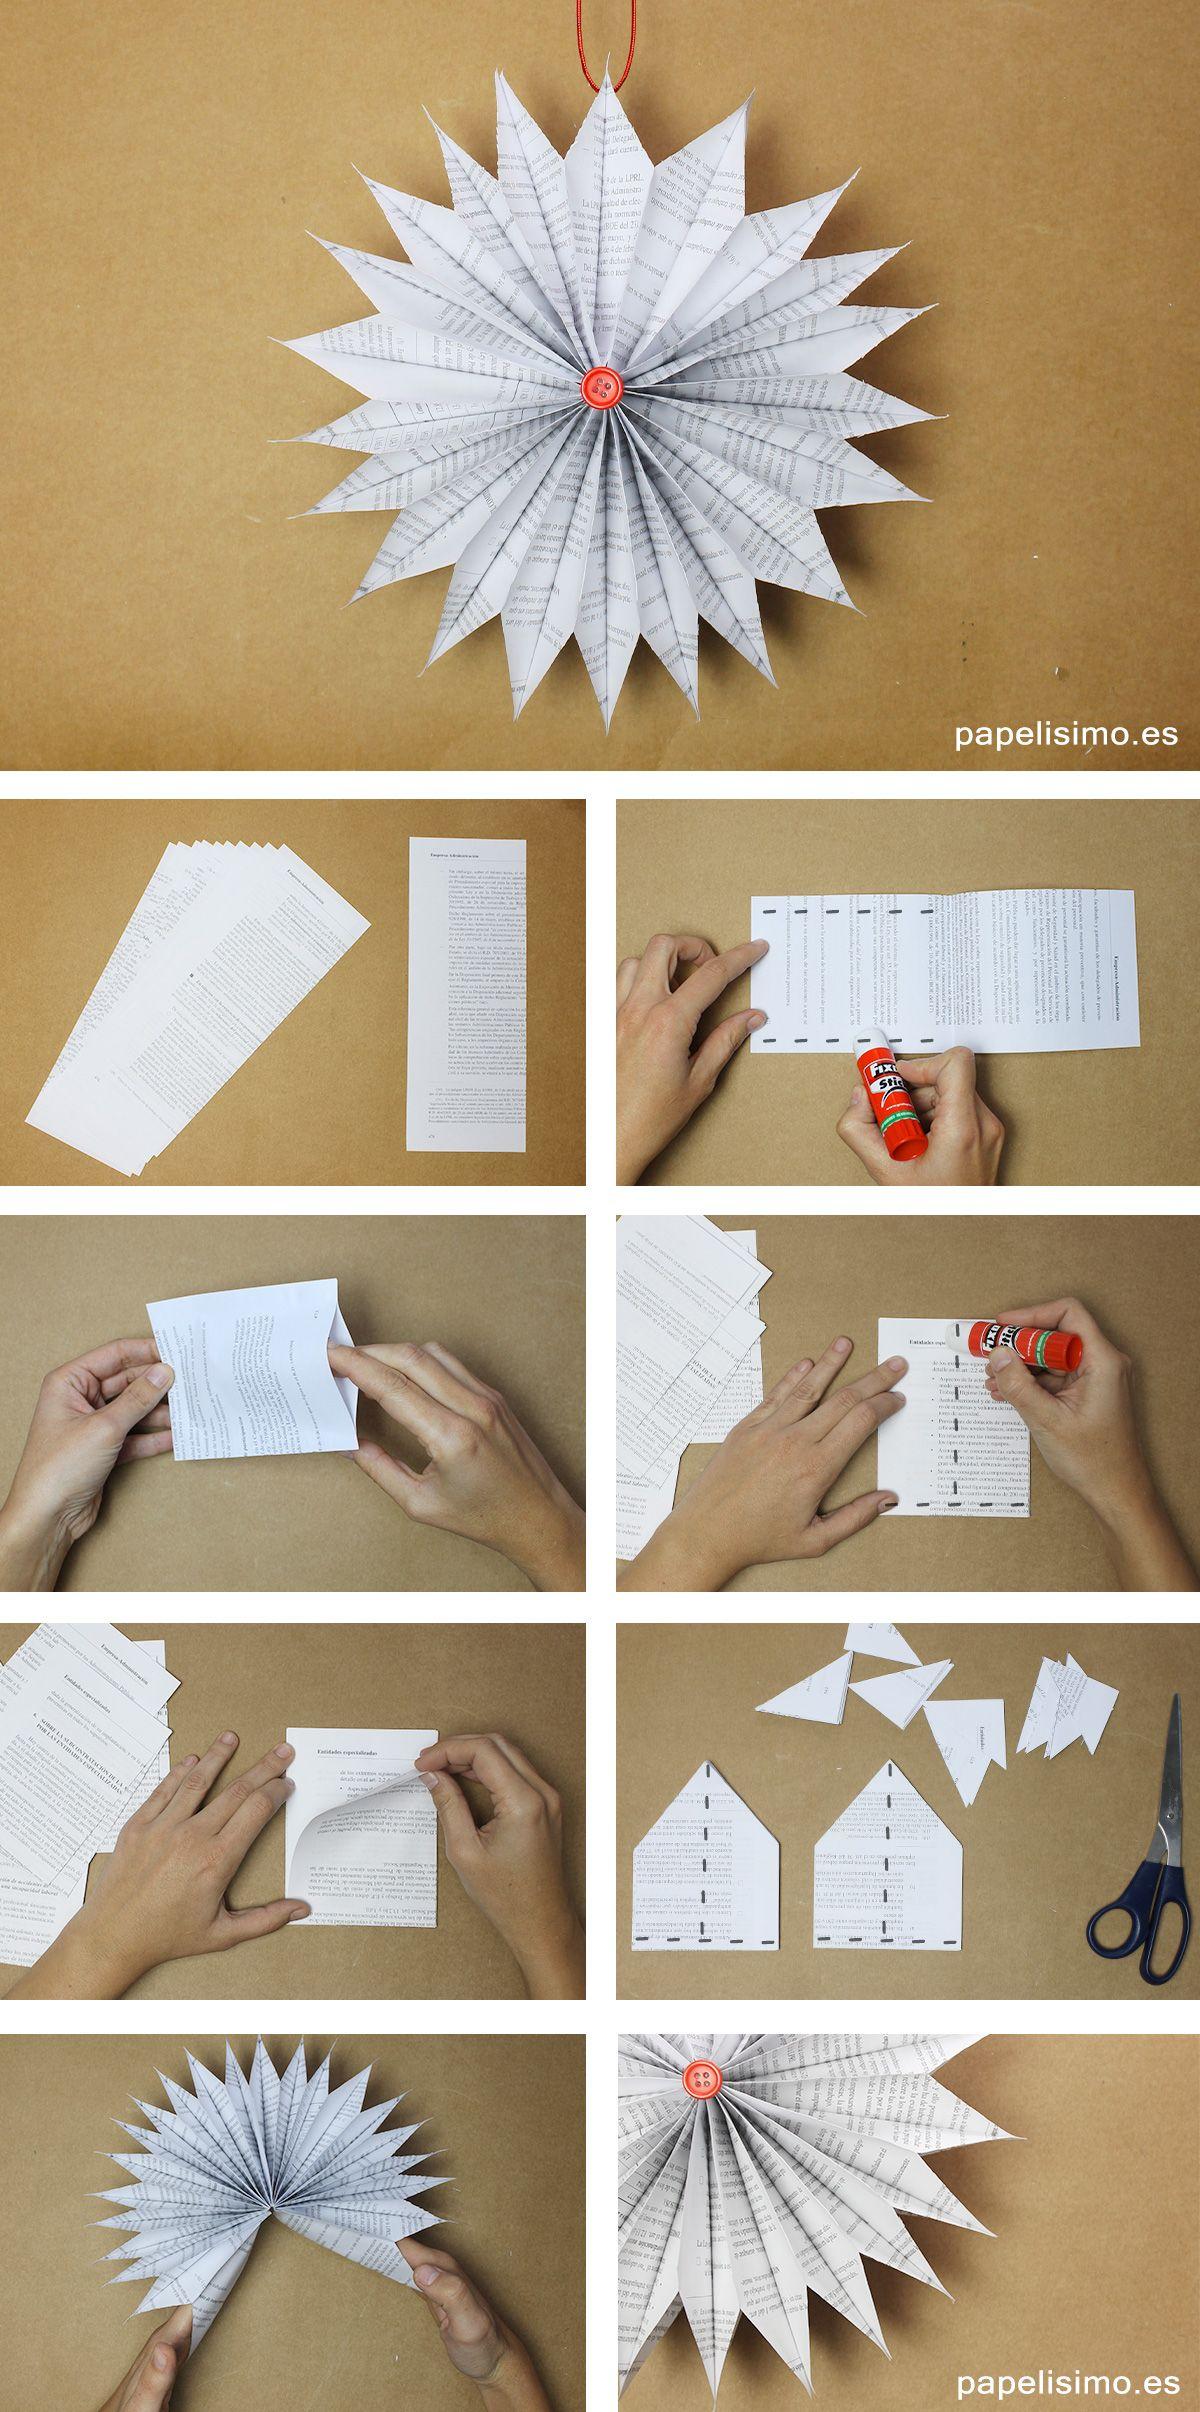 Adornos navidenos papel paso a paso diy paper christmas - Como realizar adornos navidenos ...